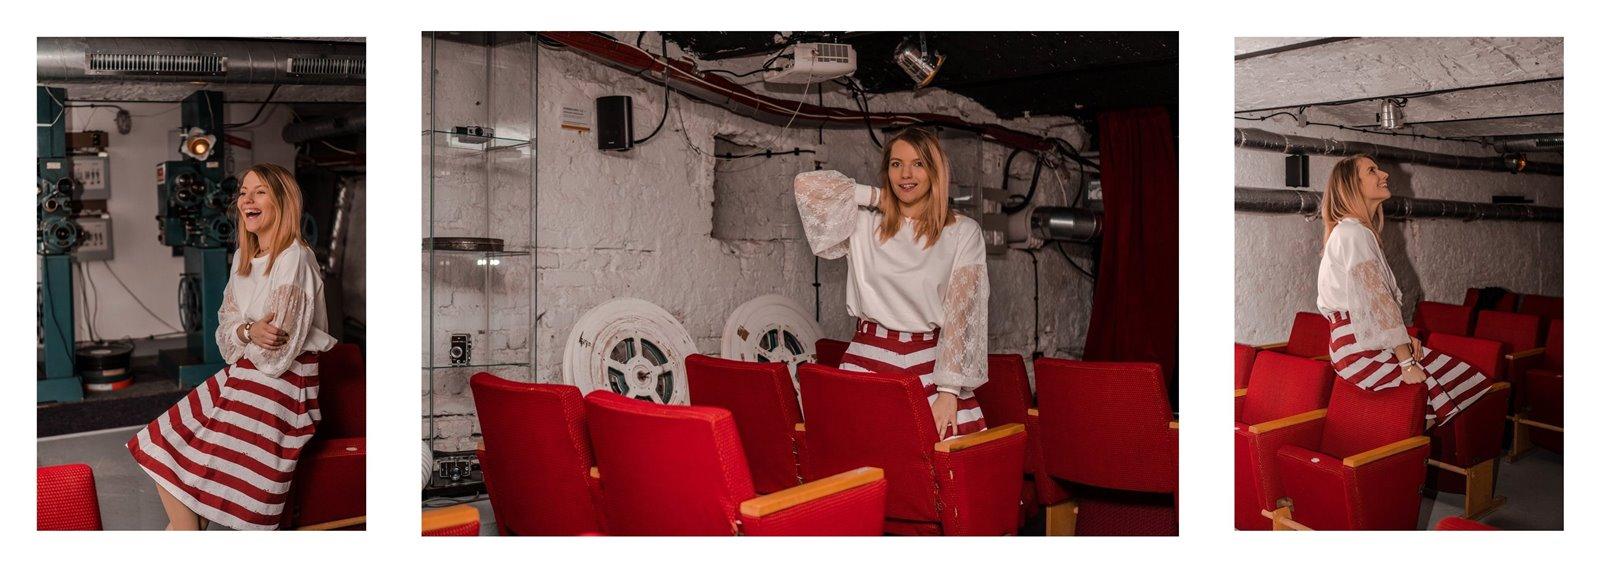 2a Skirt story spódnice szyte na miarę krawiectwo krawcowa online pomysł na prezent dla żony narzeczonej mamy szycie spódnic kraków łódź stylowe hotele stare kino w łodzi opinie recenzje pokoje gdzie się zatrzymać